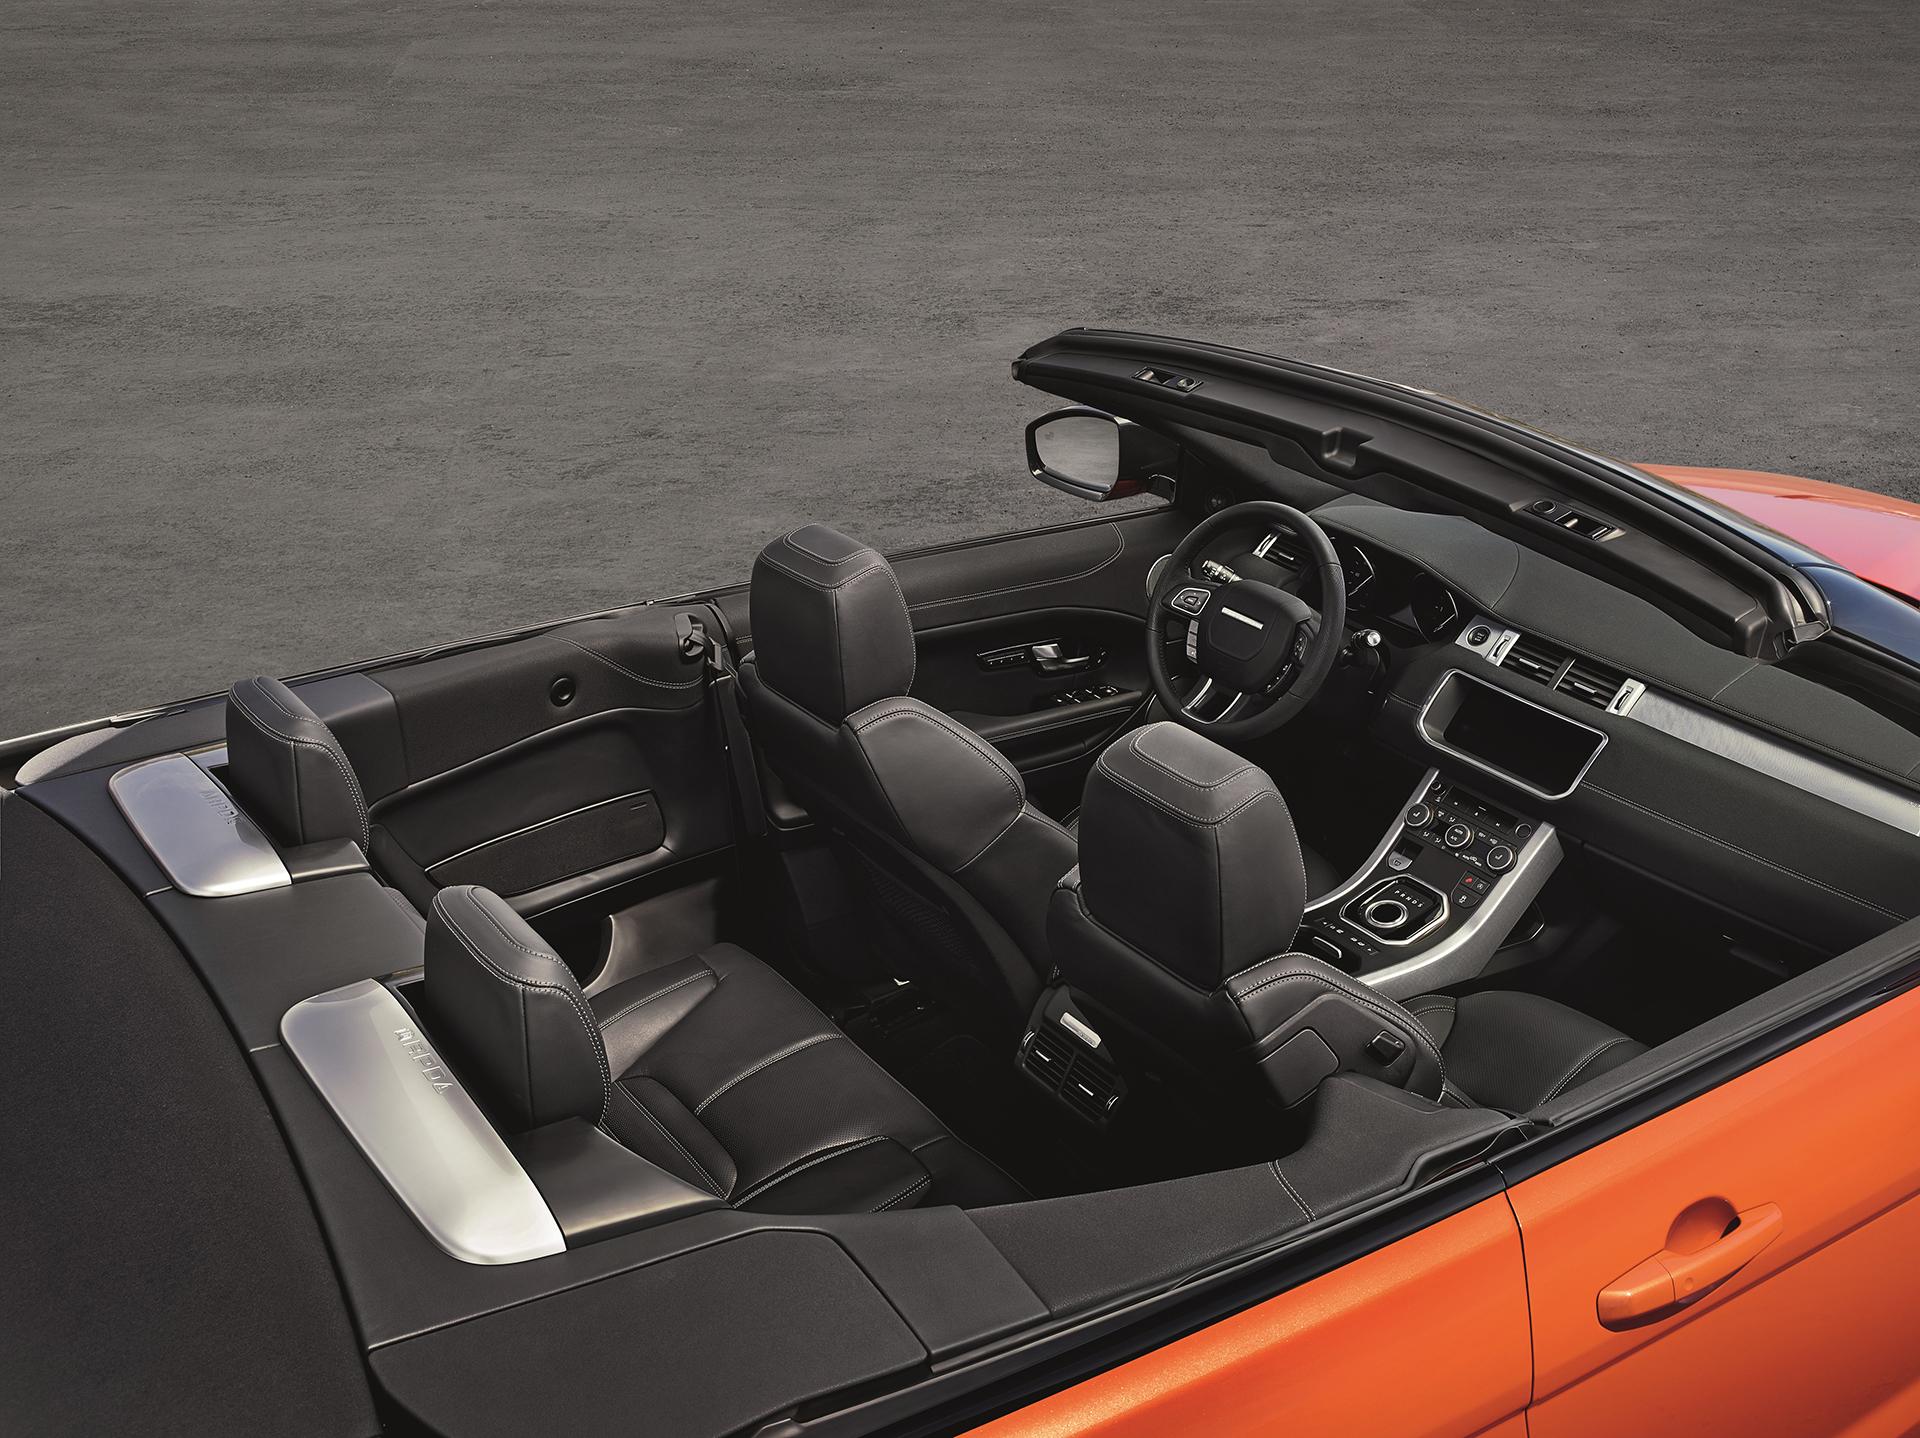 Land Rover Range Rover Evoque Convertible - intérieur / interior